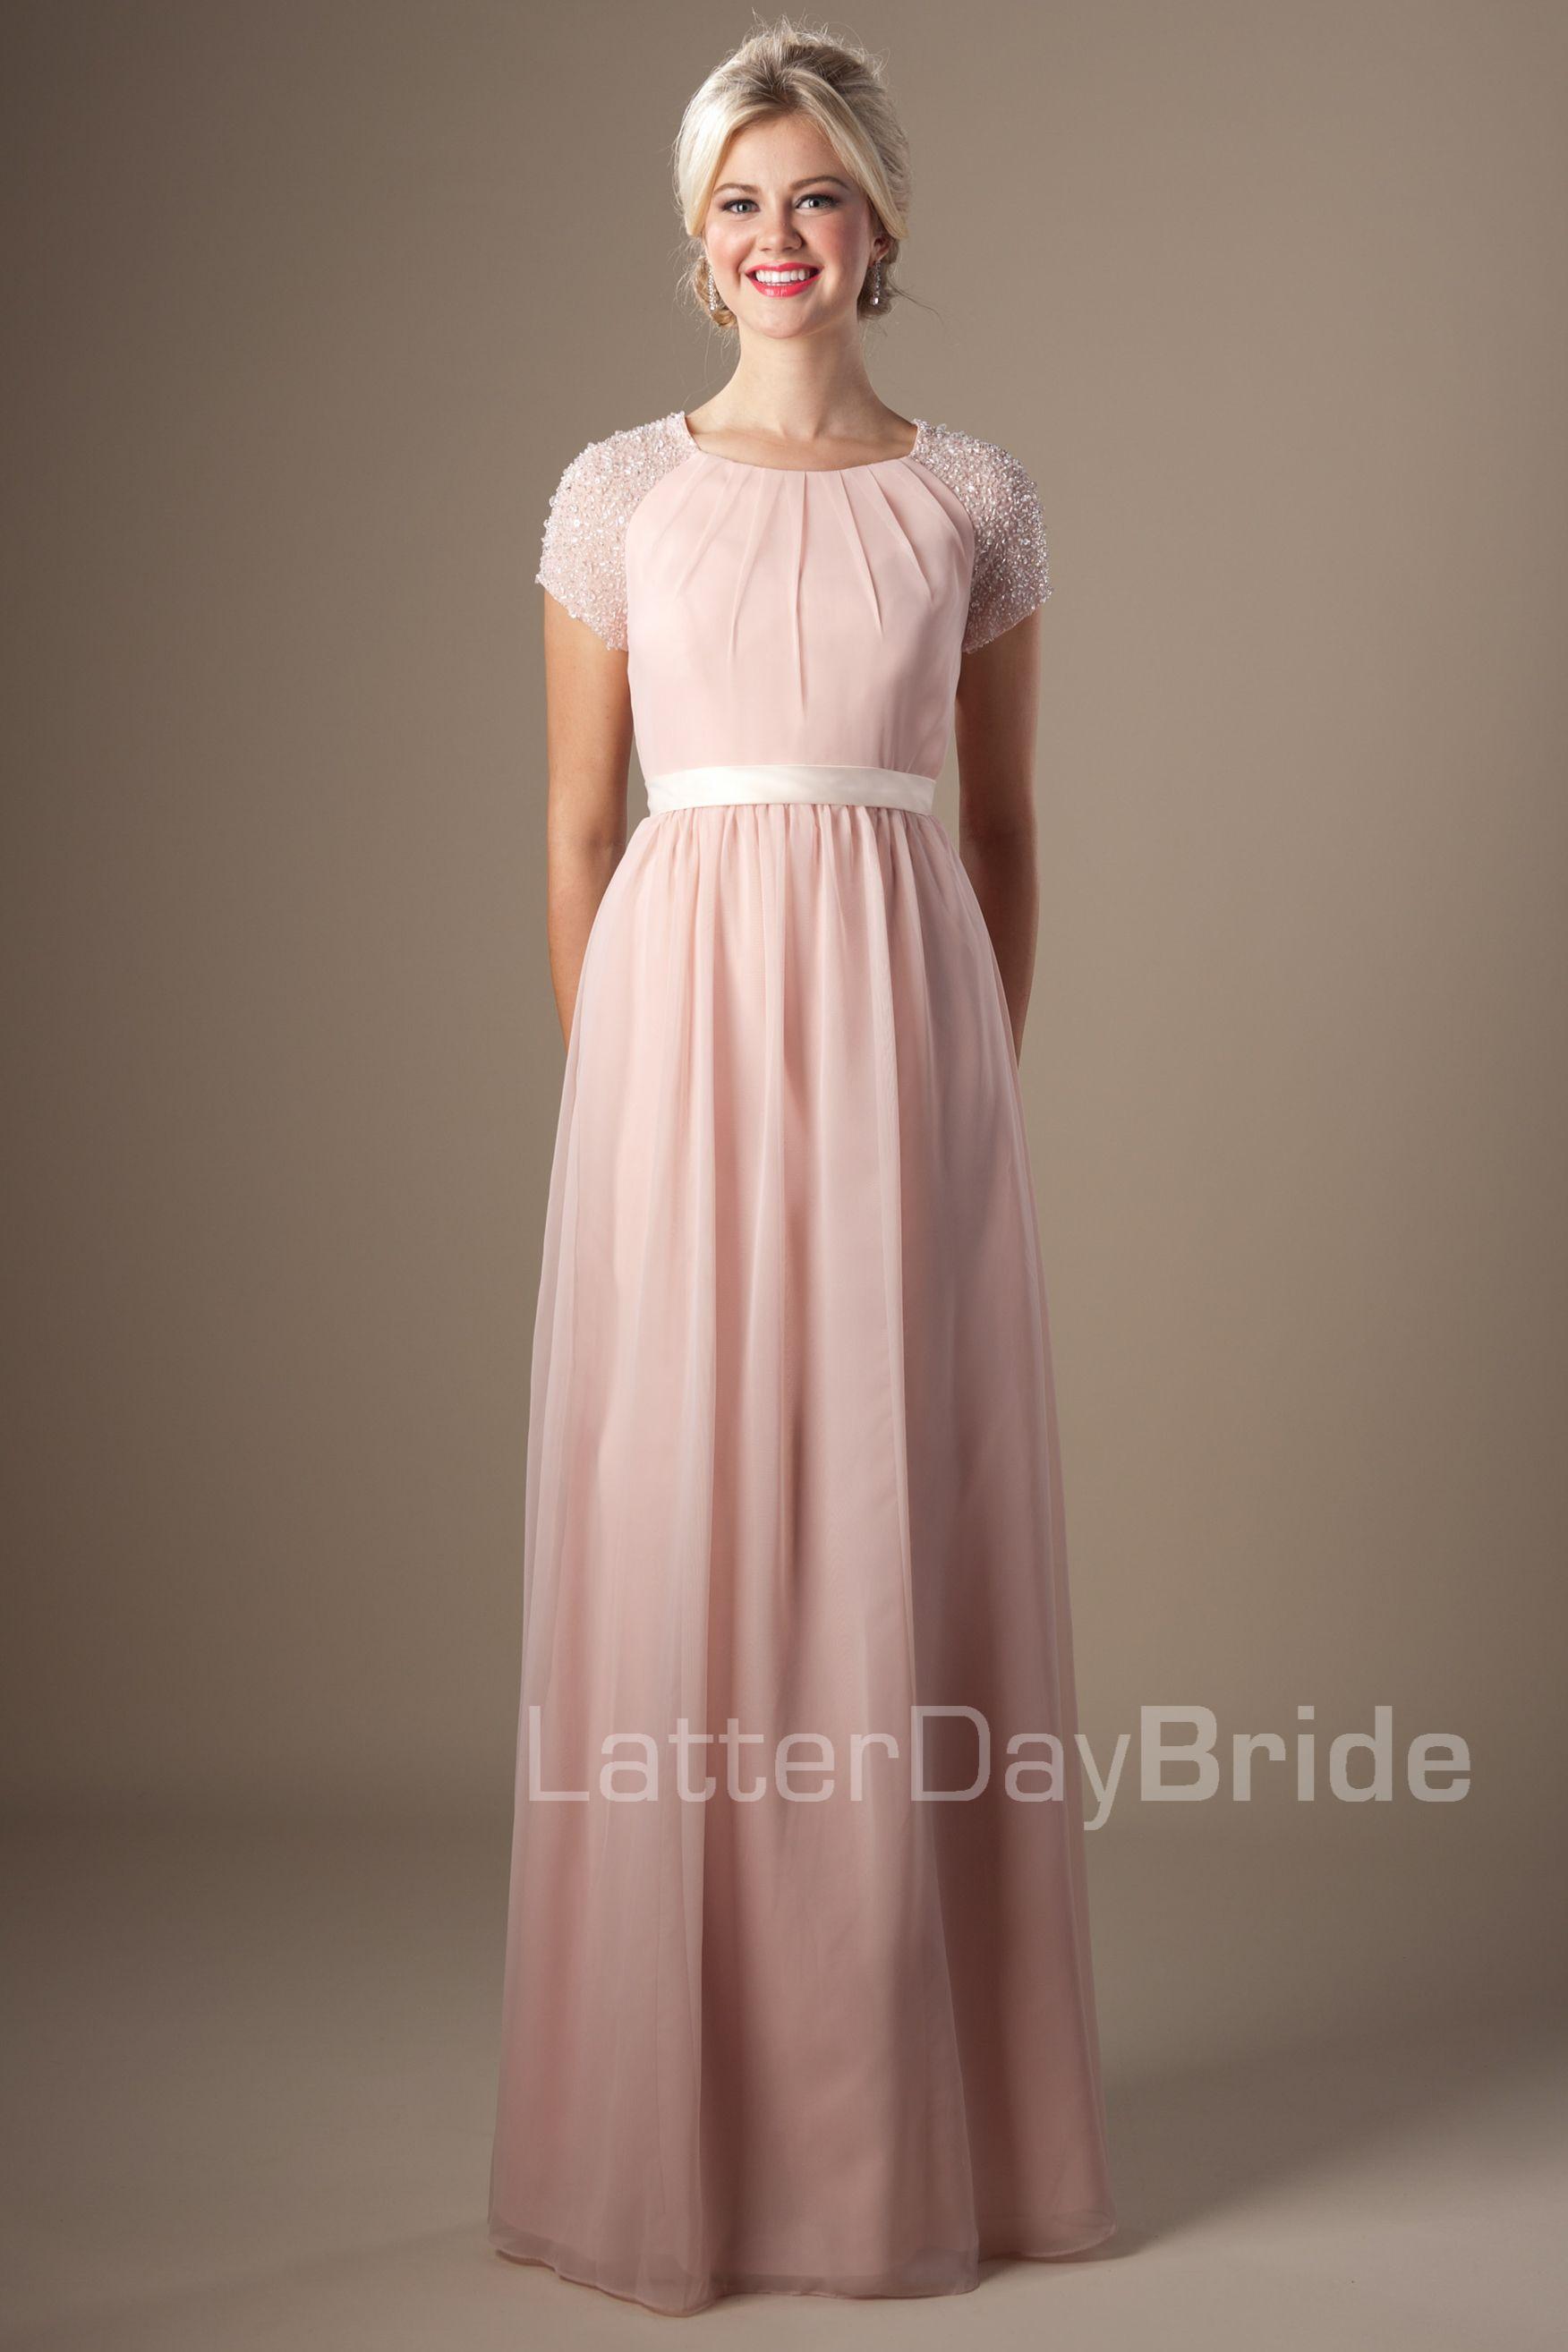 Modest Prom Dresses : Aspen (Latter Day Bride & Prom) | Prom for ...